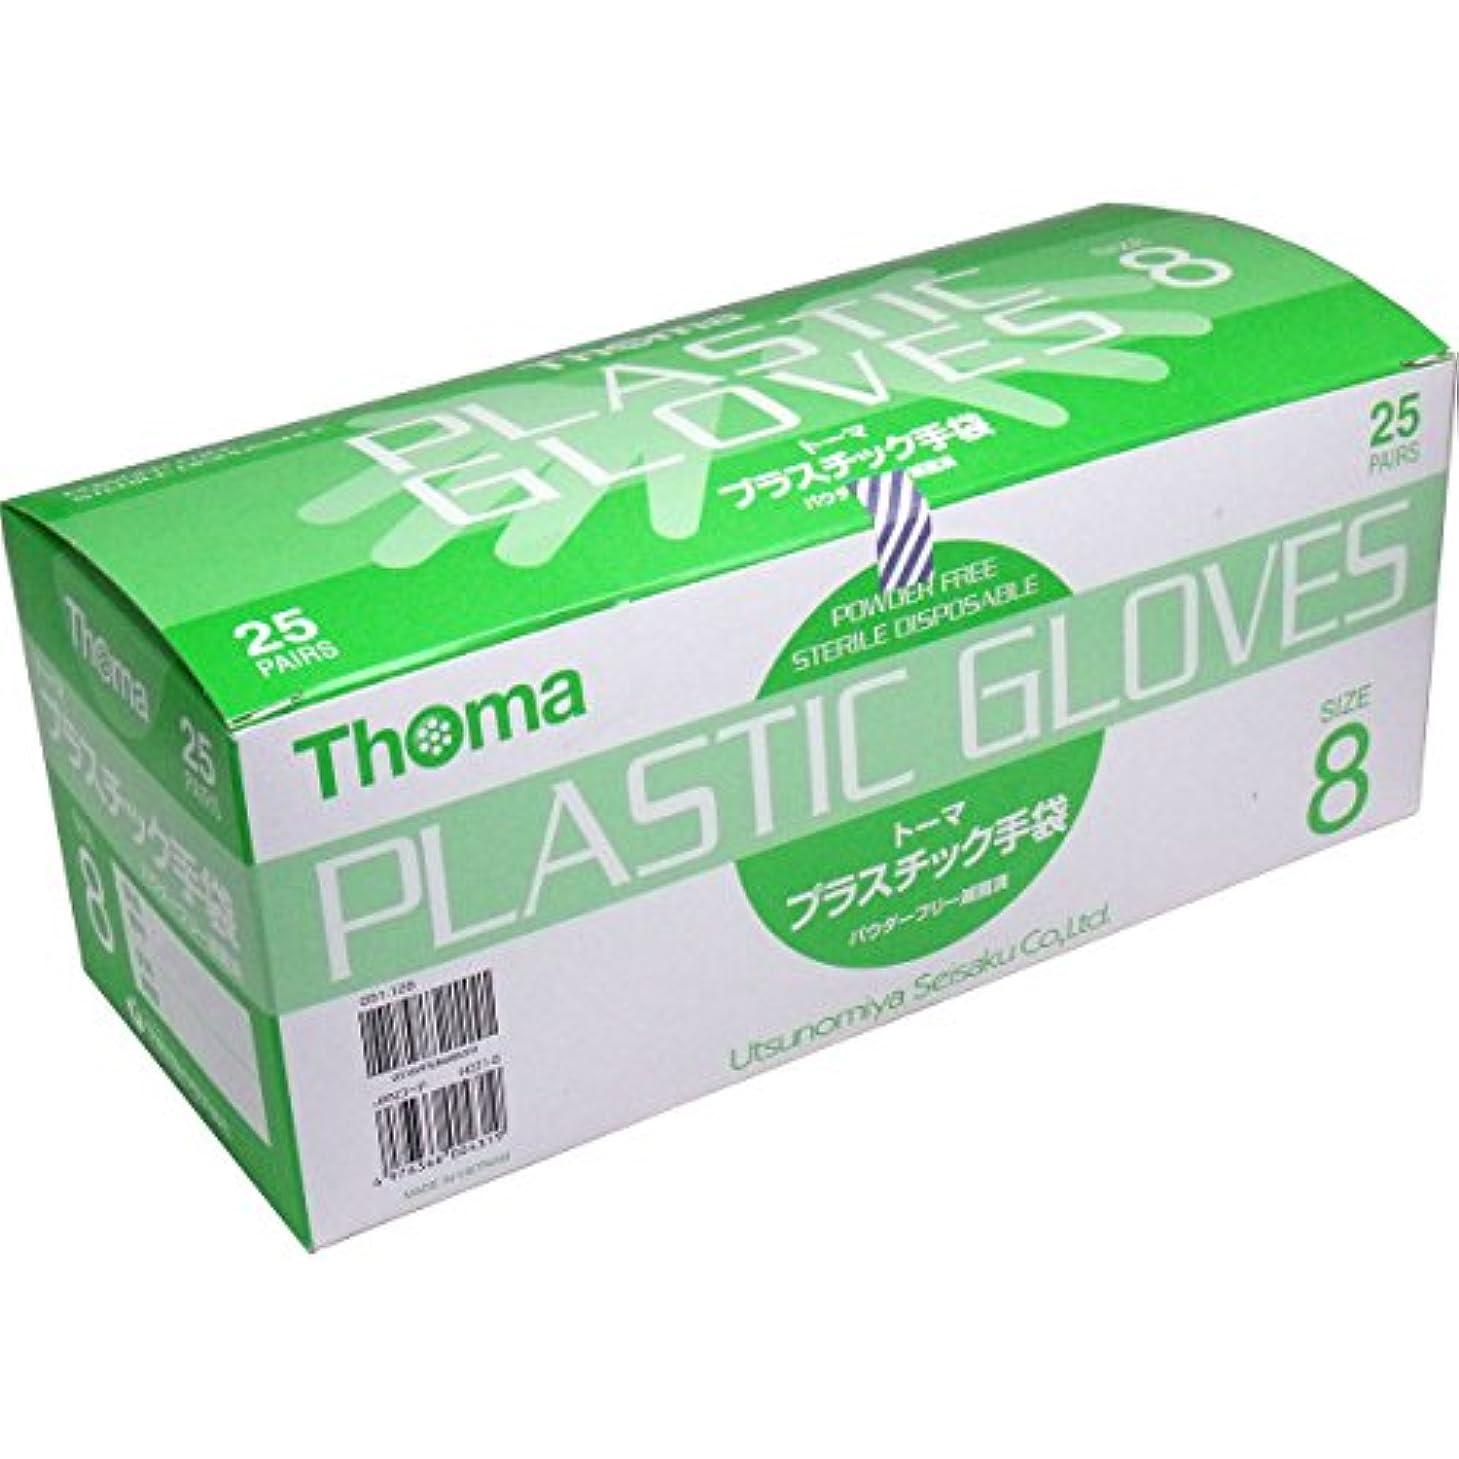 信頼露出度の高い救出ポリ塩化ビニル製 手袋 1双毎に滅菌包装、衛生的 人気商品 トーマ プラスチック手袋 パウダーフリー滅菌済 25双入 サイズ8【3個セット】